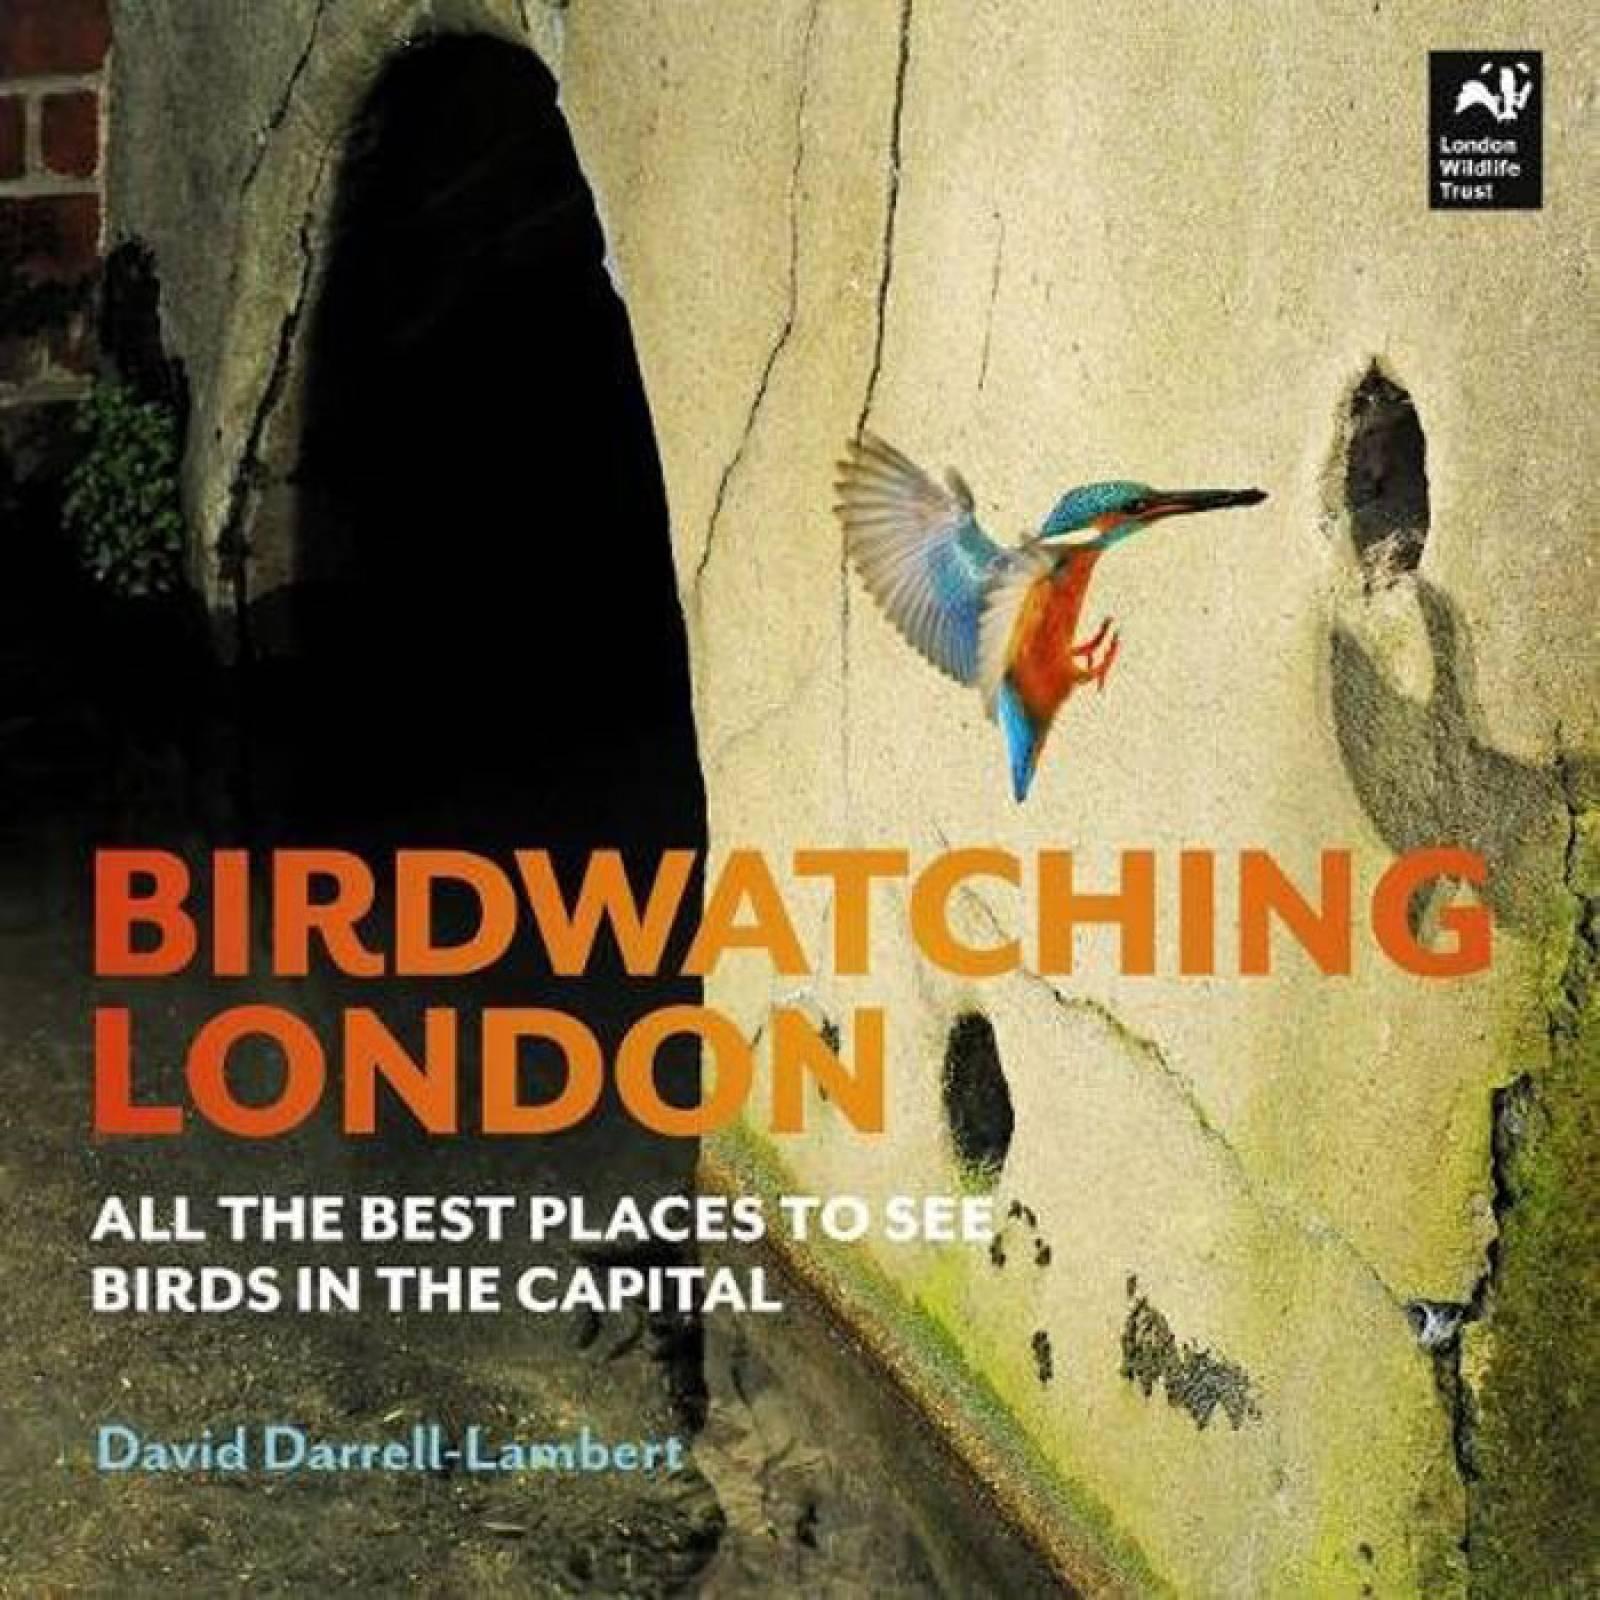 Birdwatching London - Paperback Book